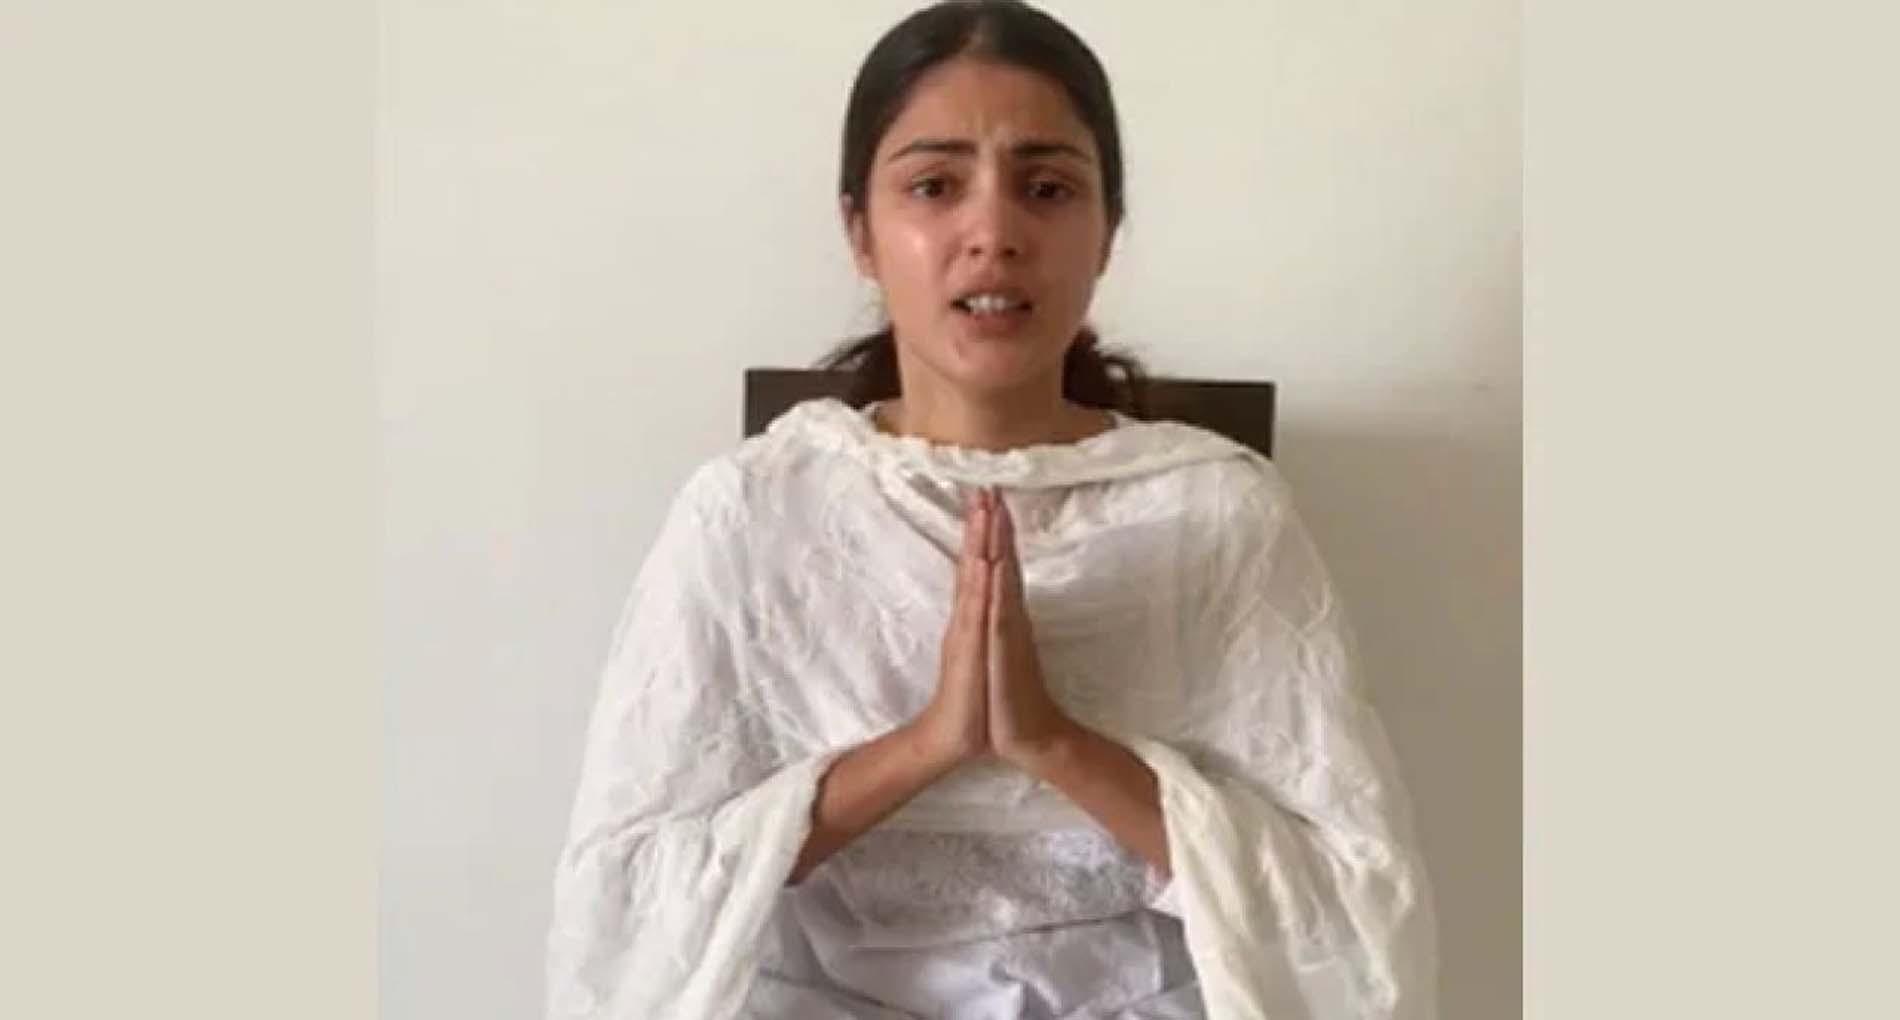 रिया चक्रवर्ती के बयान से संतुष्ट नहीं ED, SC के फैसले के बाद रिया को फिर भेजा जाएगा समन